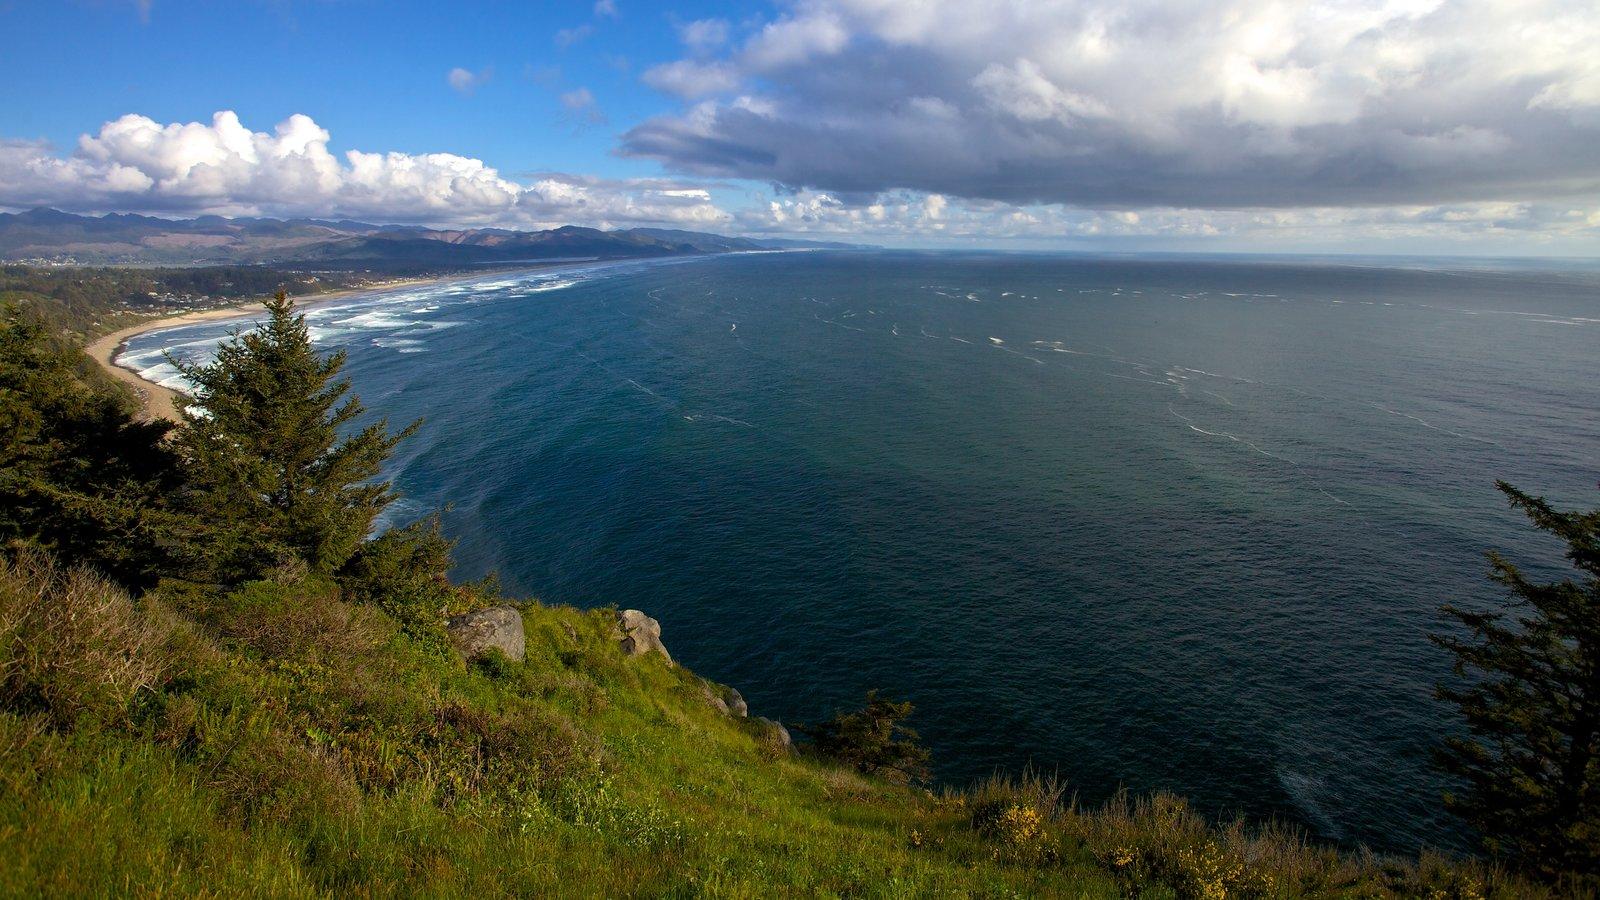 Newport mostrando vistas generales de la costa, vistas de paisajes y una playa de arena